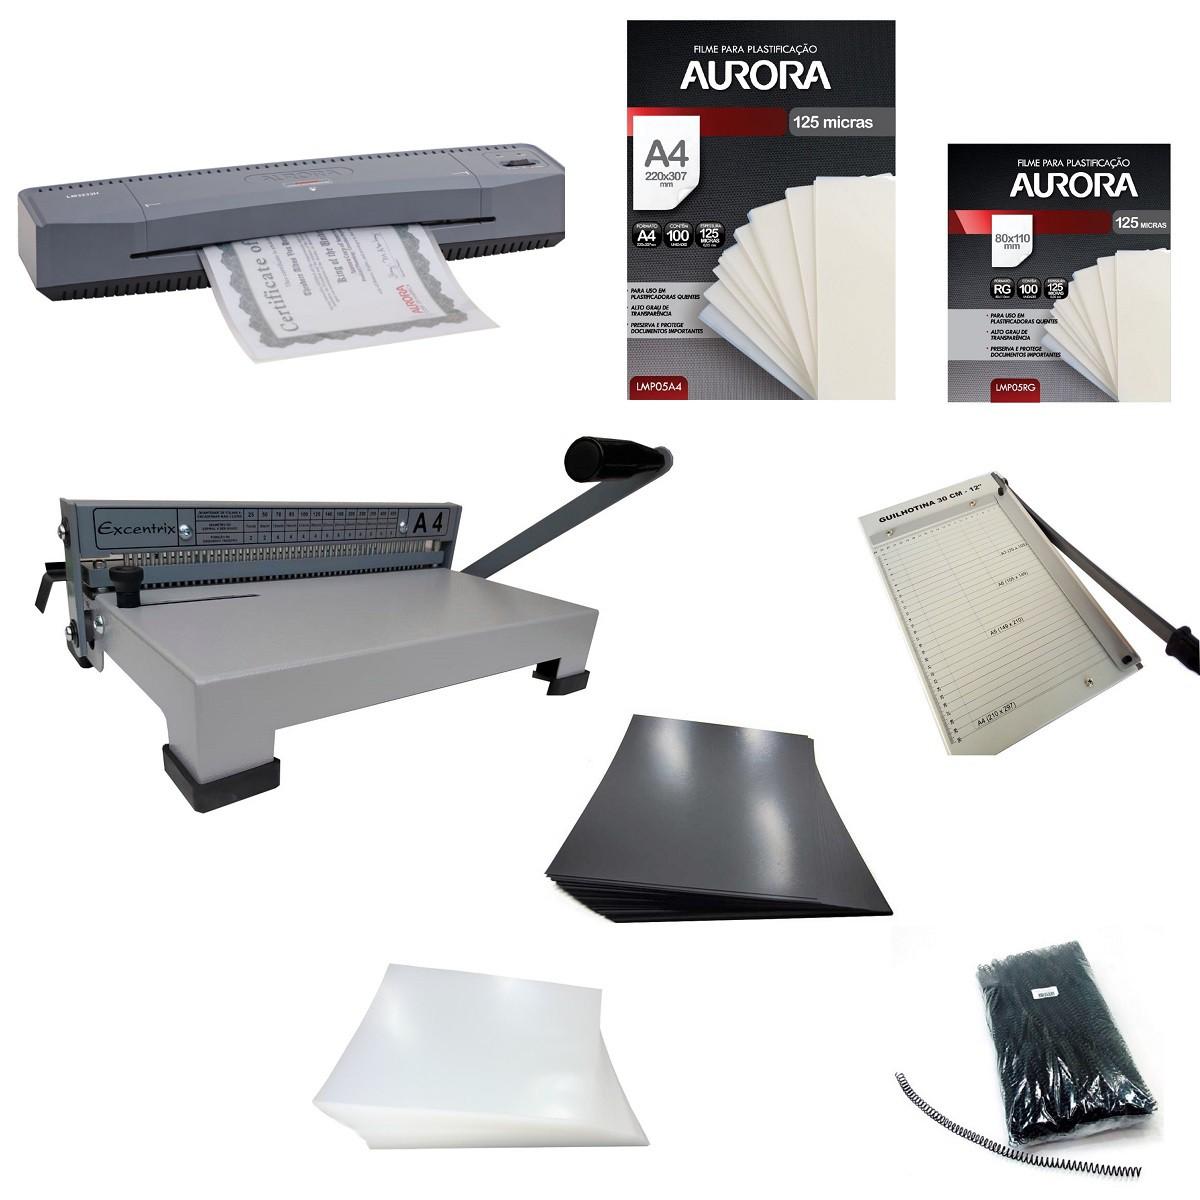 Kit Encadernadora e Guilhotina A4 + Plastificadora A3 Aurora 220v  - Click Suprimentos